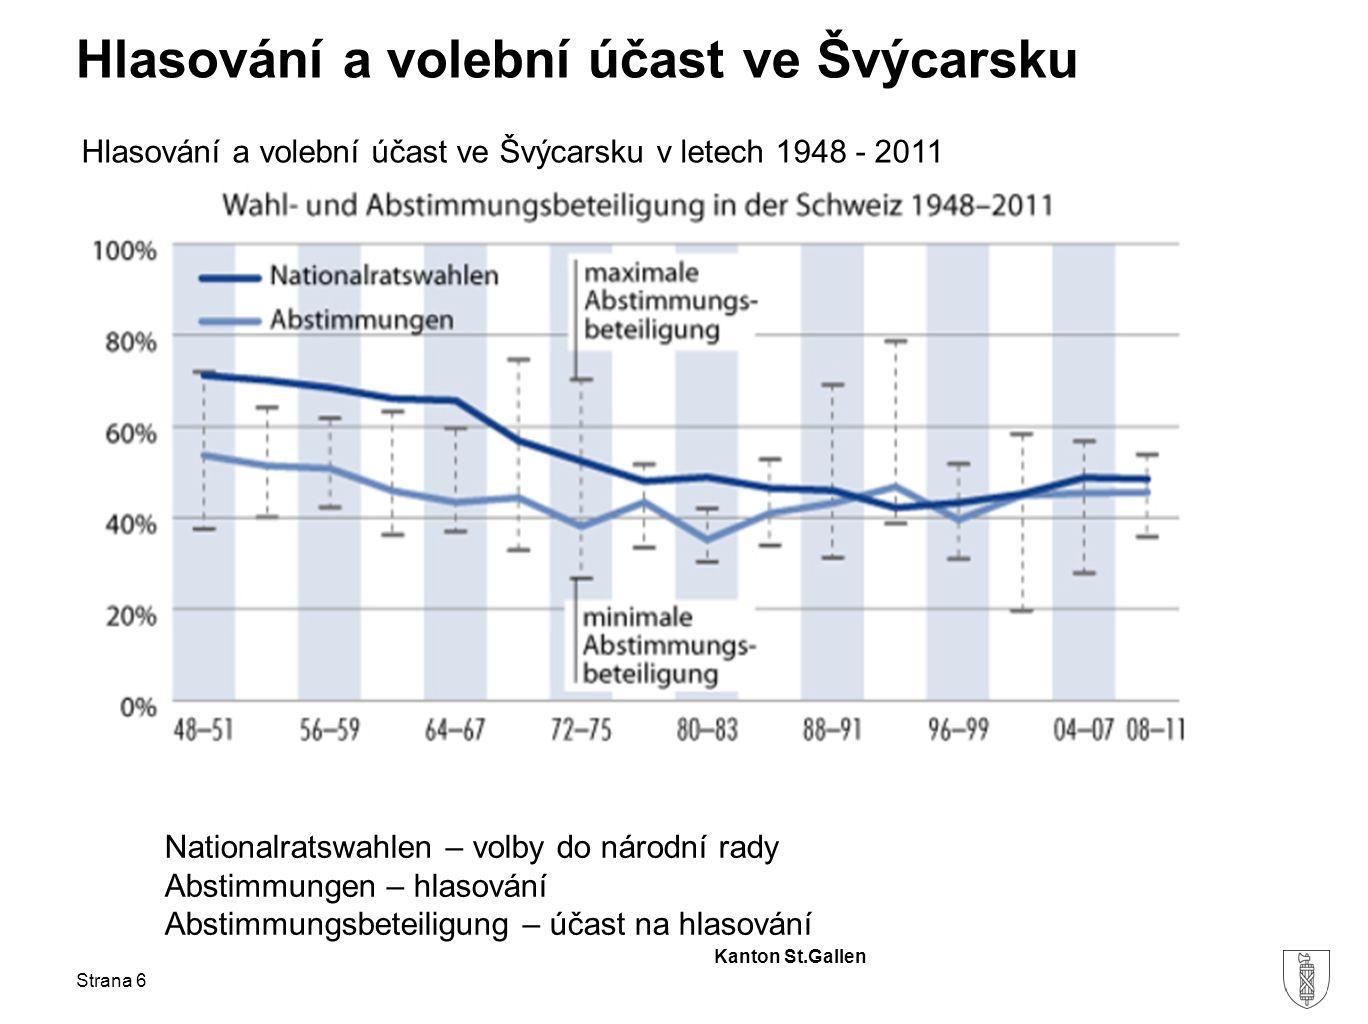 Kanton St.Gallen Hlasování a volební účast ve Švýcarsku Strana 6 Hlasování a volební účast ve Švýcarsku v letech 1948 - 2011 Nationalratswahlen – volby do národní rady Abstimmungen – hlasování Abstimmungsbeteiligung – účast na hlasování